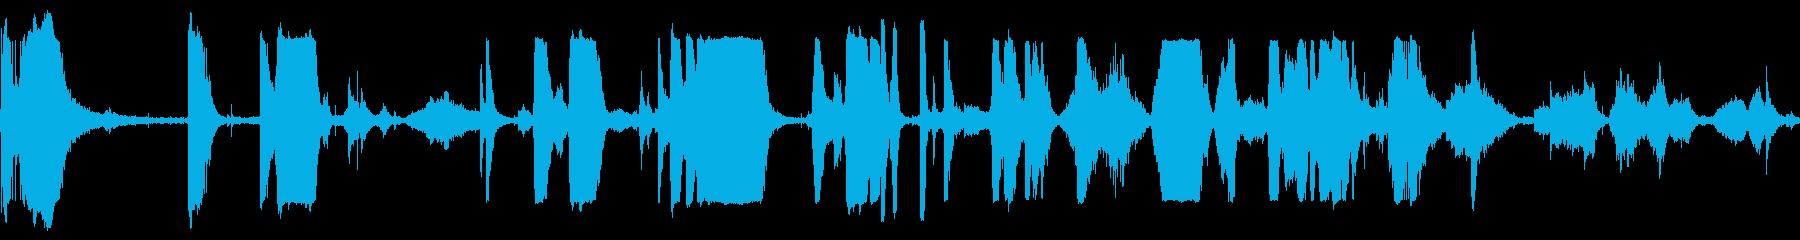 メタルグリッドスクレイプキーキーの再生済みの波形